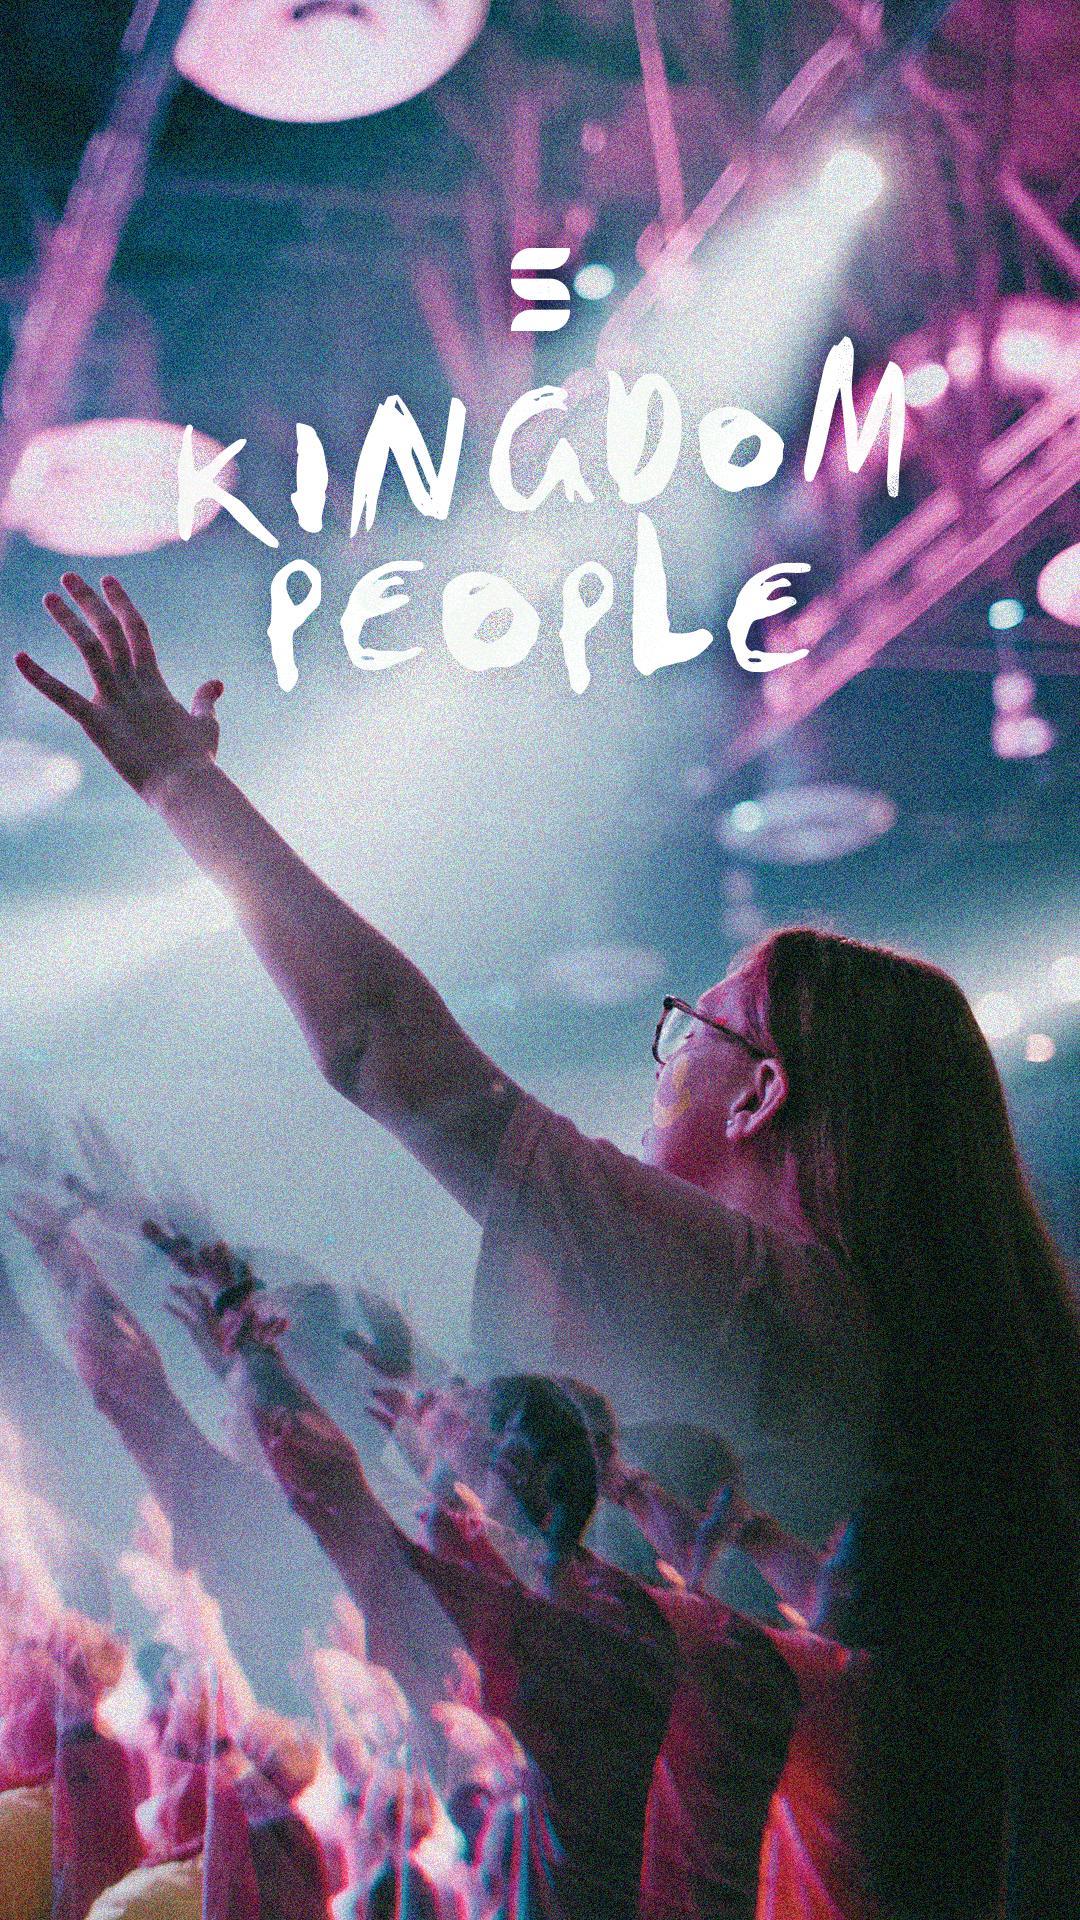 Kingdom People 3 Social Stories (JPG)